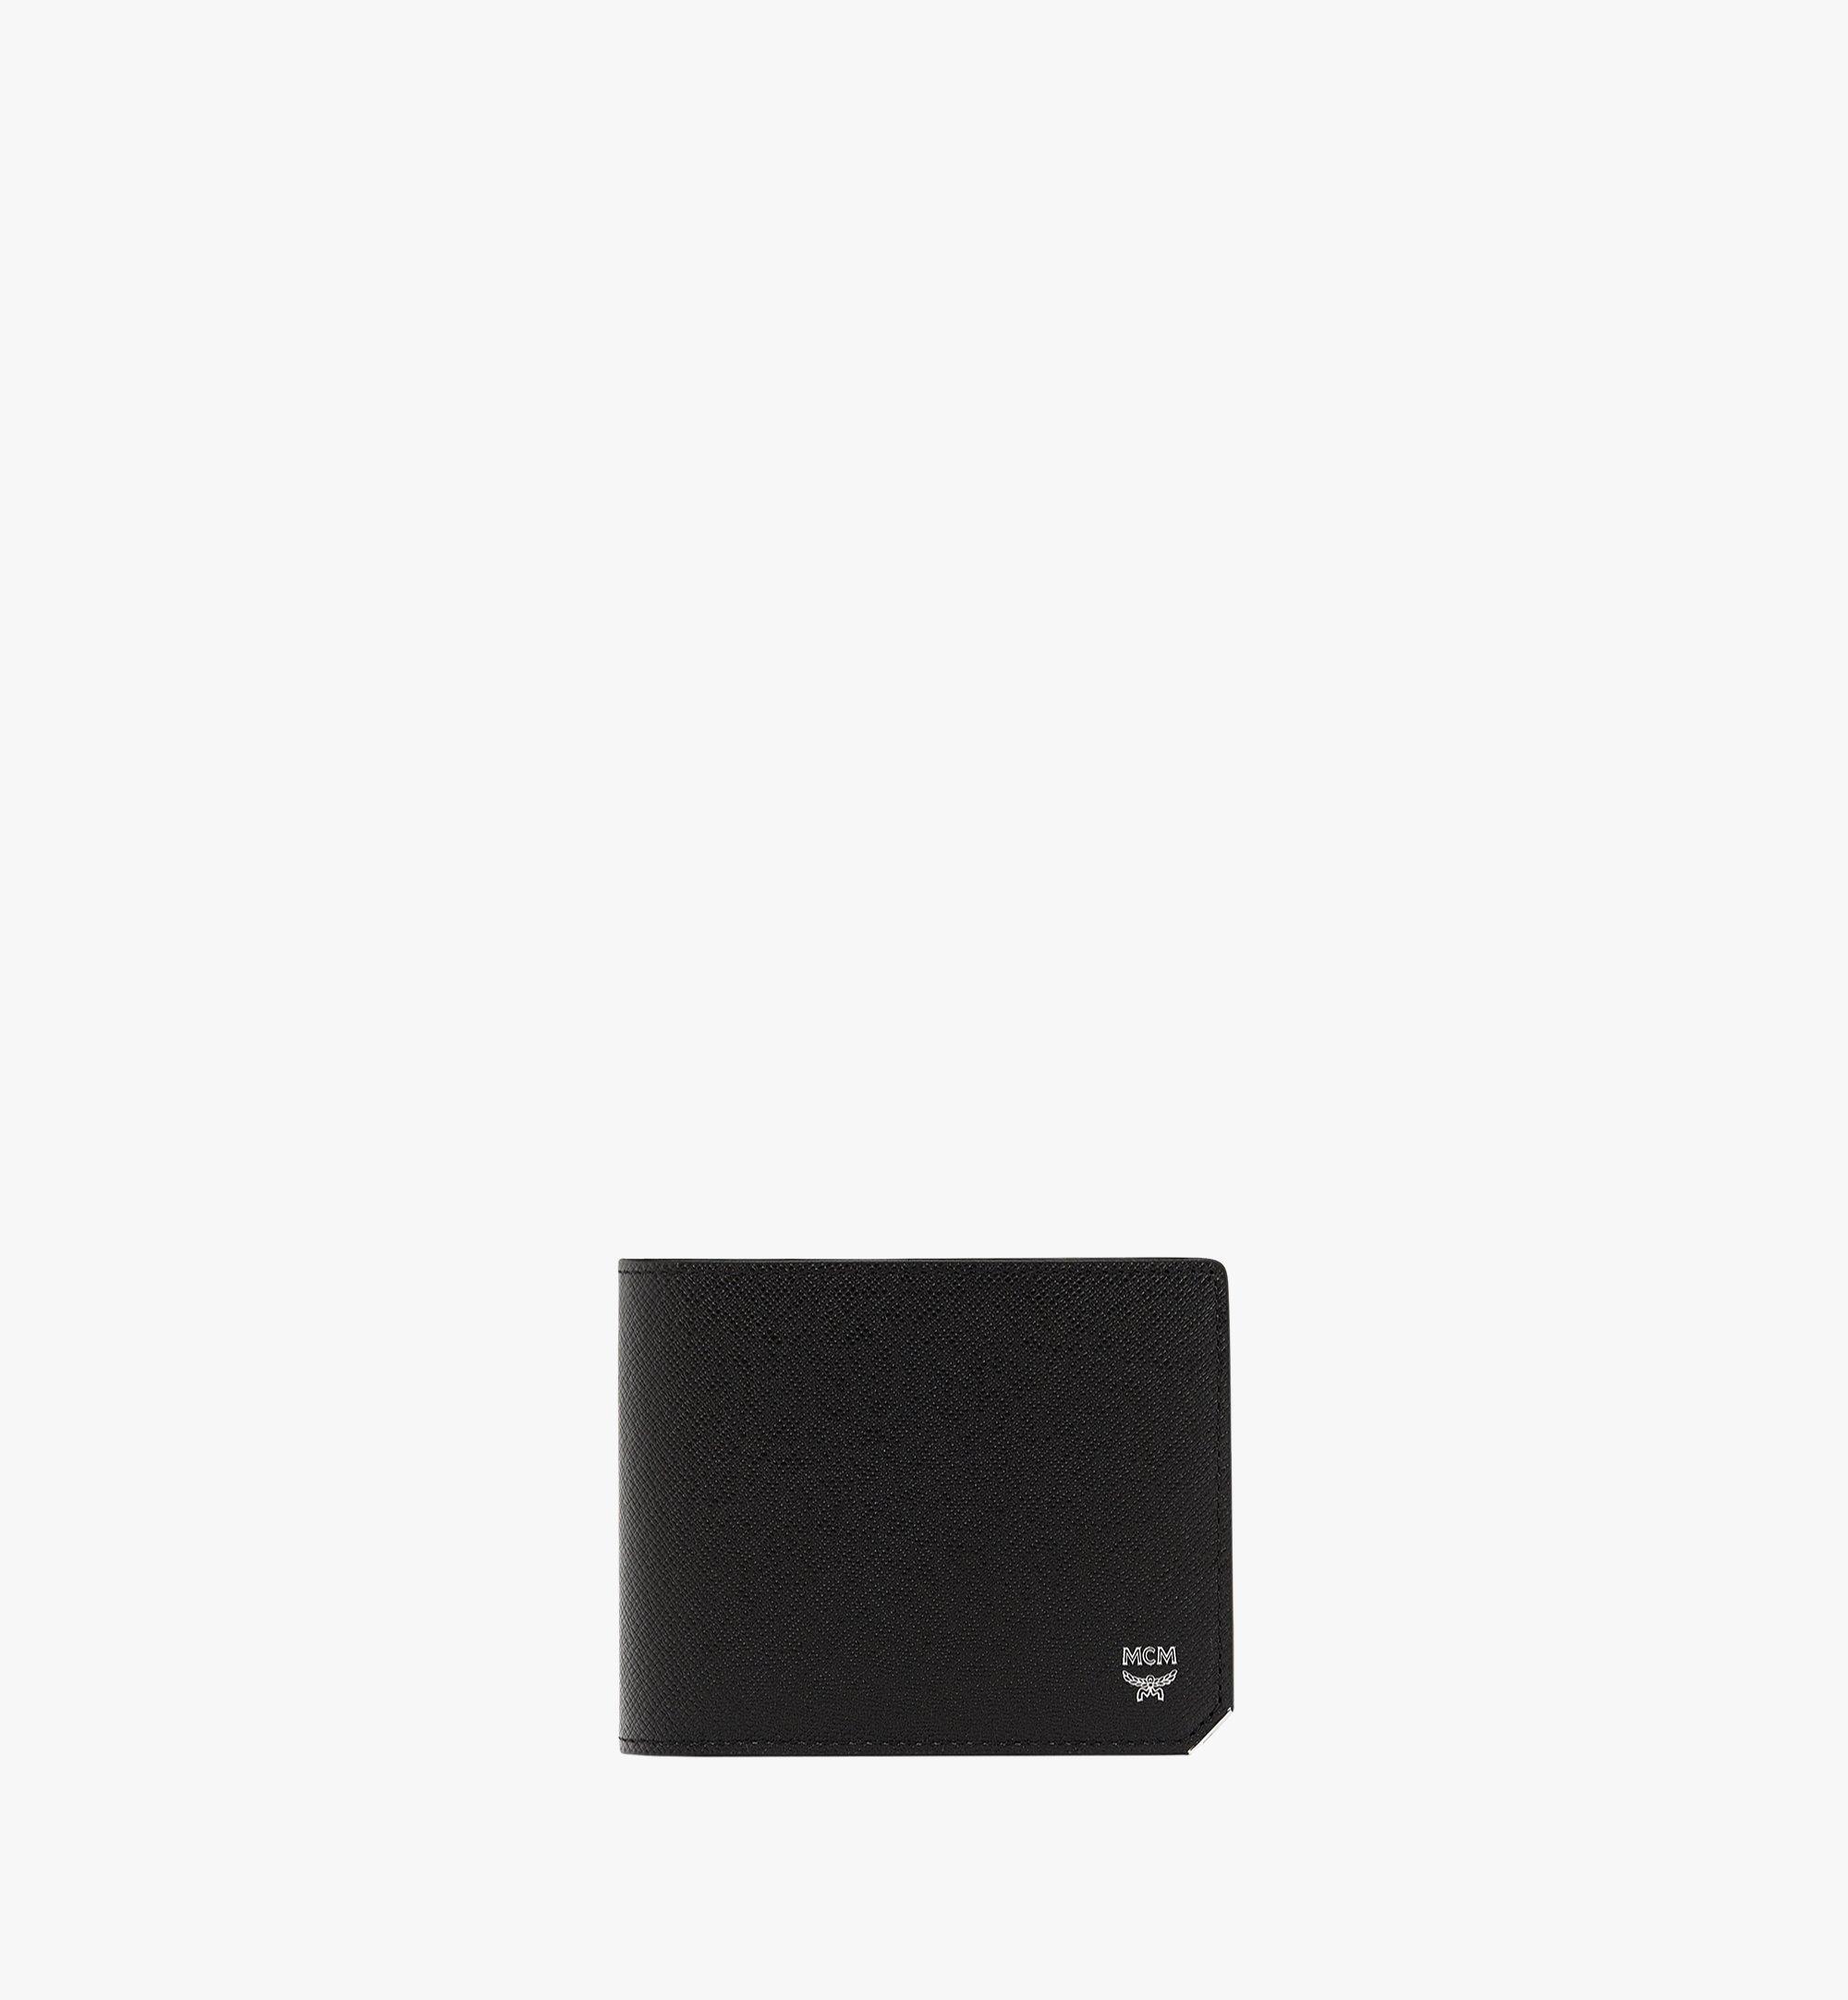 MCM New Bric 經典印花皮革兩折式錢包附卡夾 Black MXS8ALL42BK001 更多視圖 1